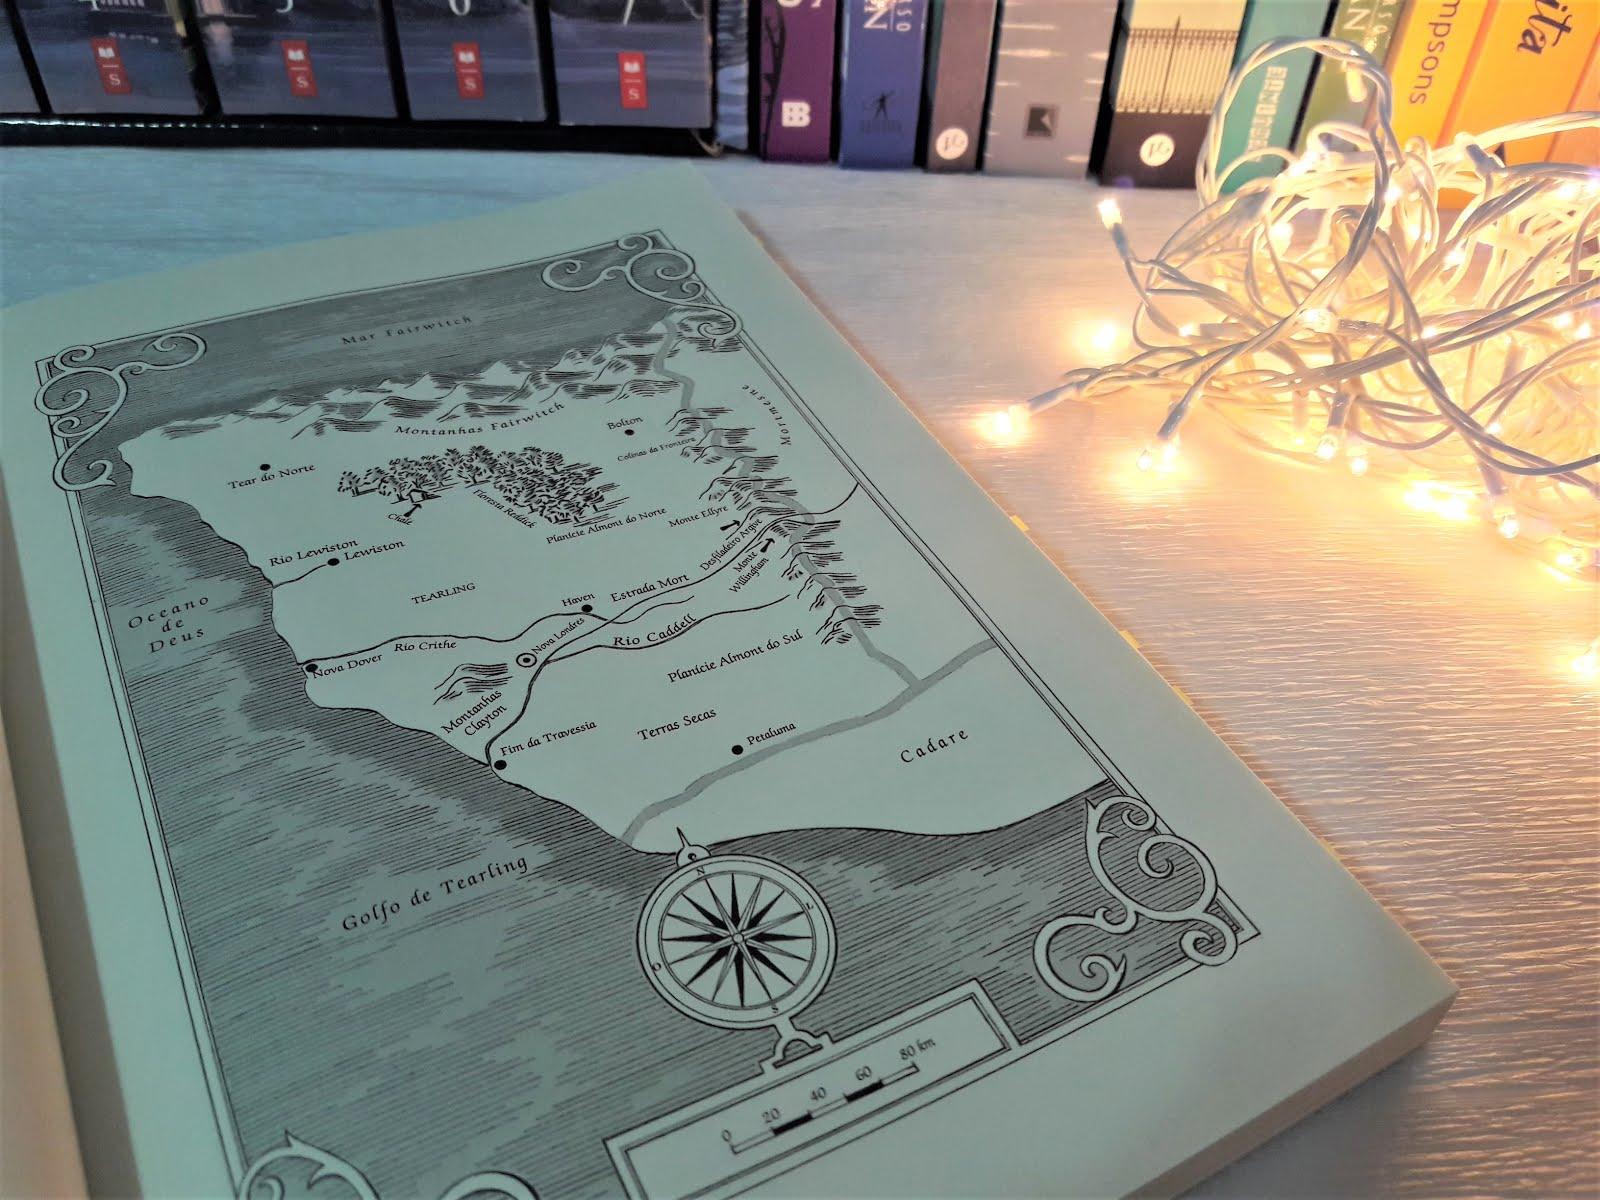 Mapa do livro A Rainha de Tearling